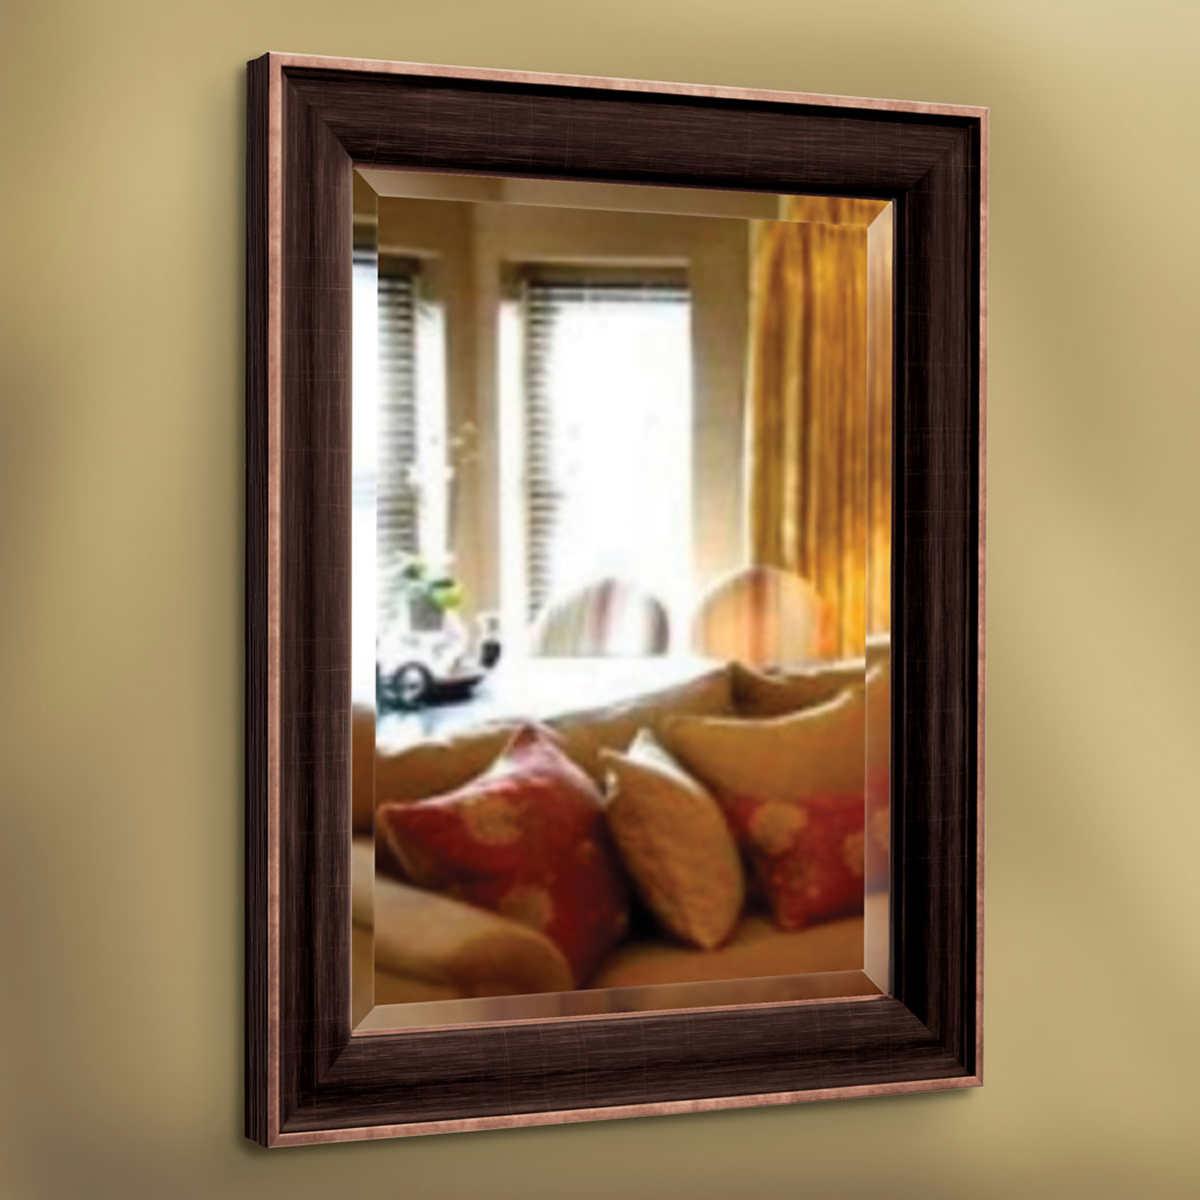 Bathroom Mirrors Costco home decor | costco